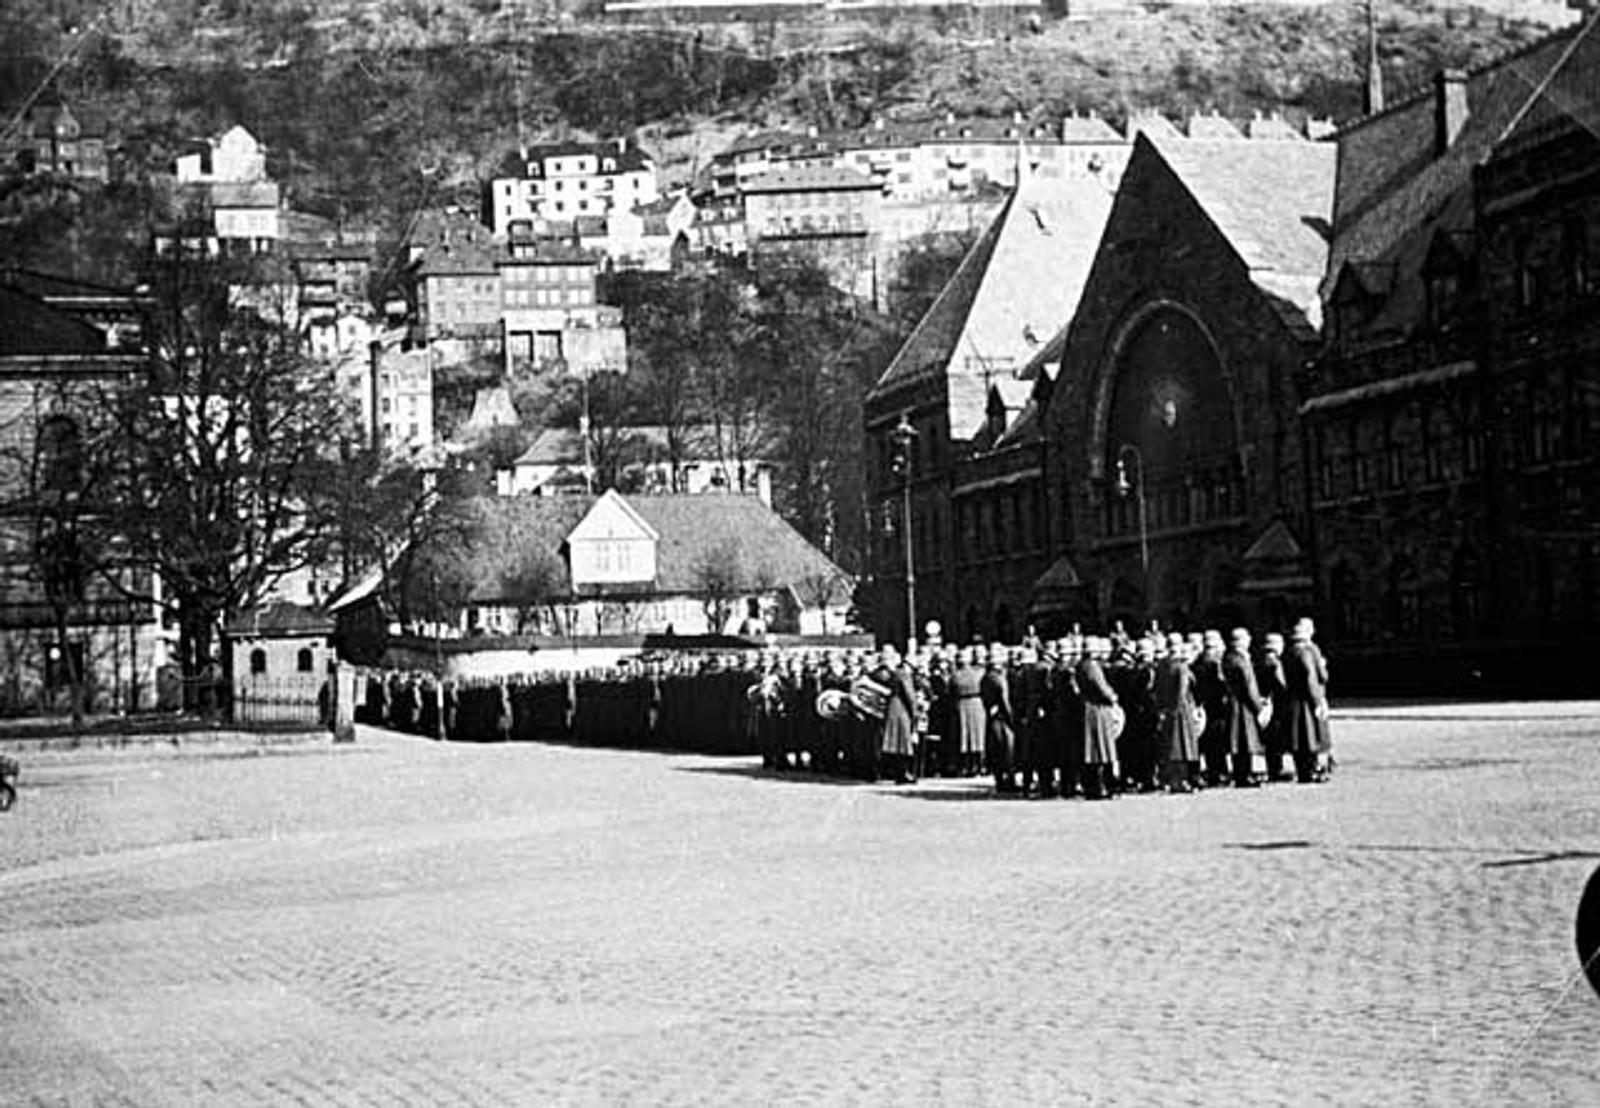 PARADE: Tyske soldater paraderer forbi togstasjonen i Bergen.